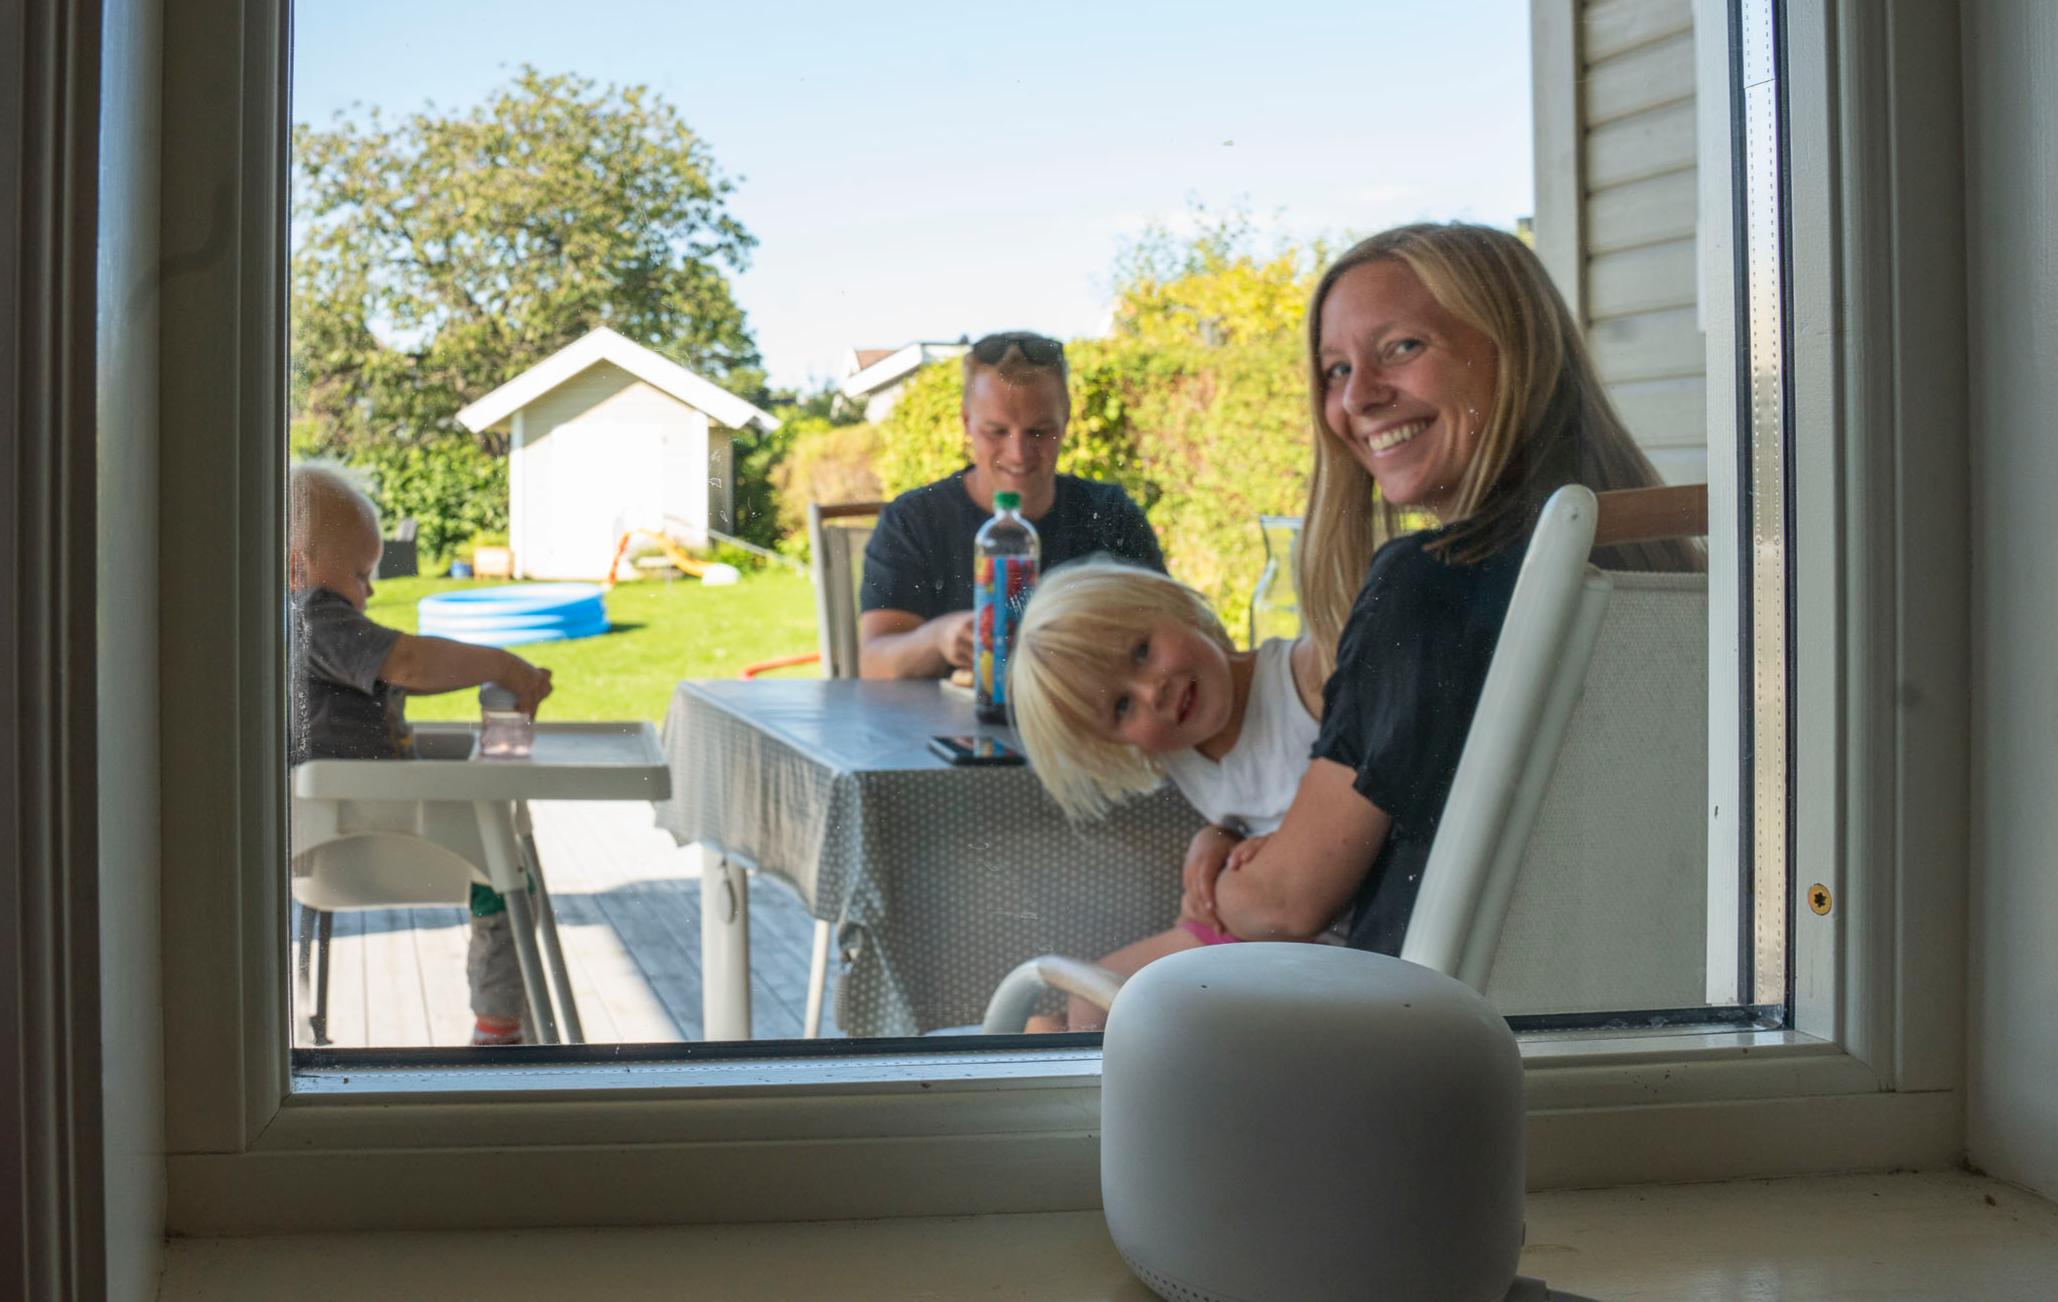 Google Nest Wifi i vinduskarmen. Gjennom vinduet sees en småbarnsfamilie sittende på terrassen.